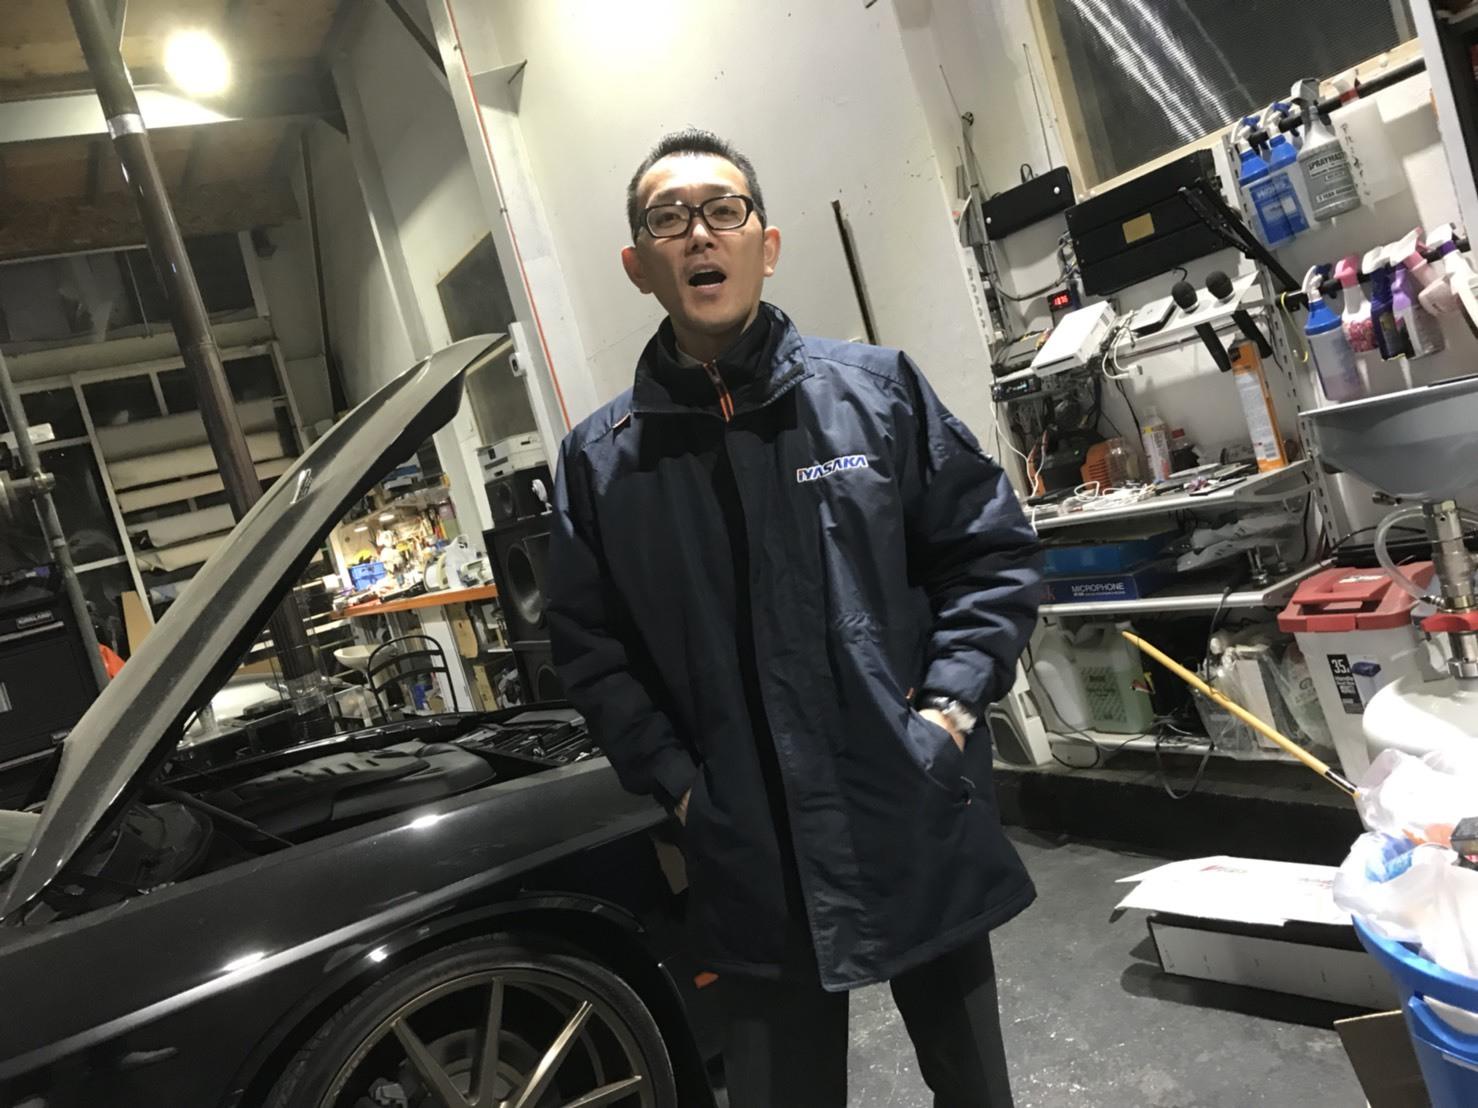 3月30日(金)トミーベース カスタムブログ☆S社様、新車のヴェルファイア到着☆カマロカスタム中☆_b0127002_12085168.jpg